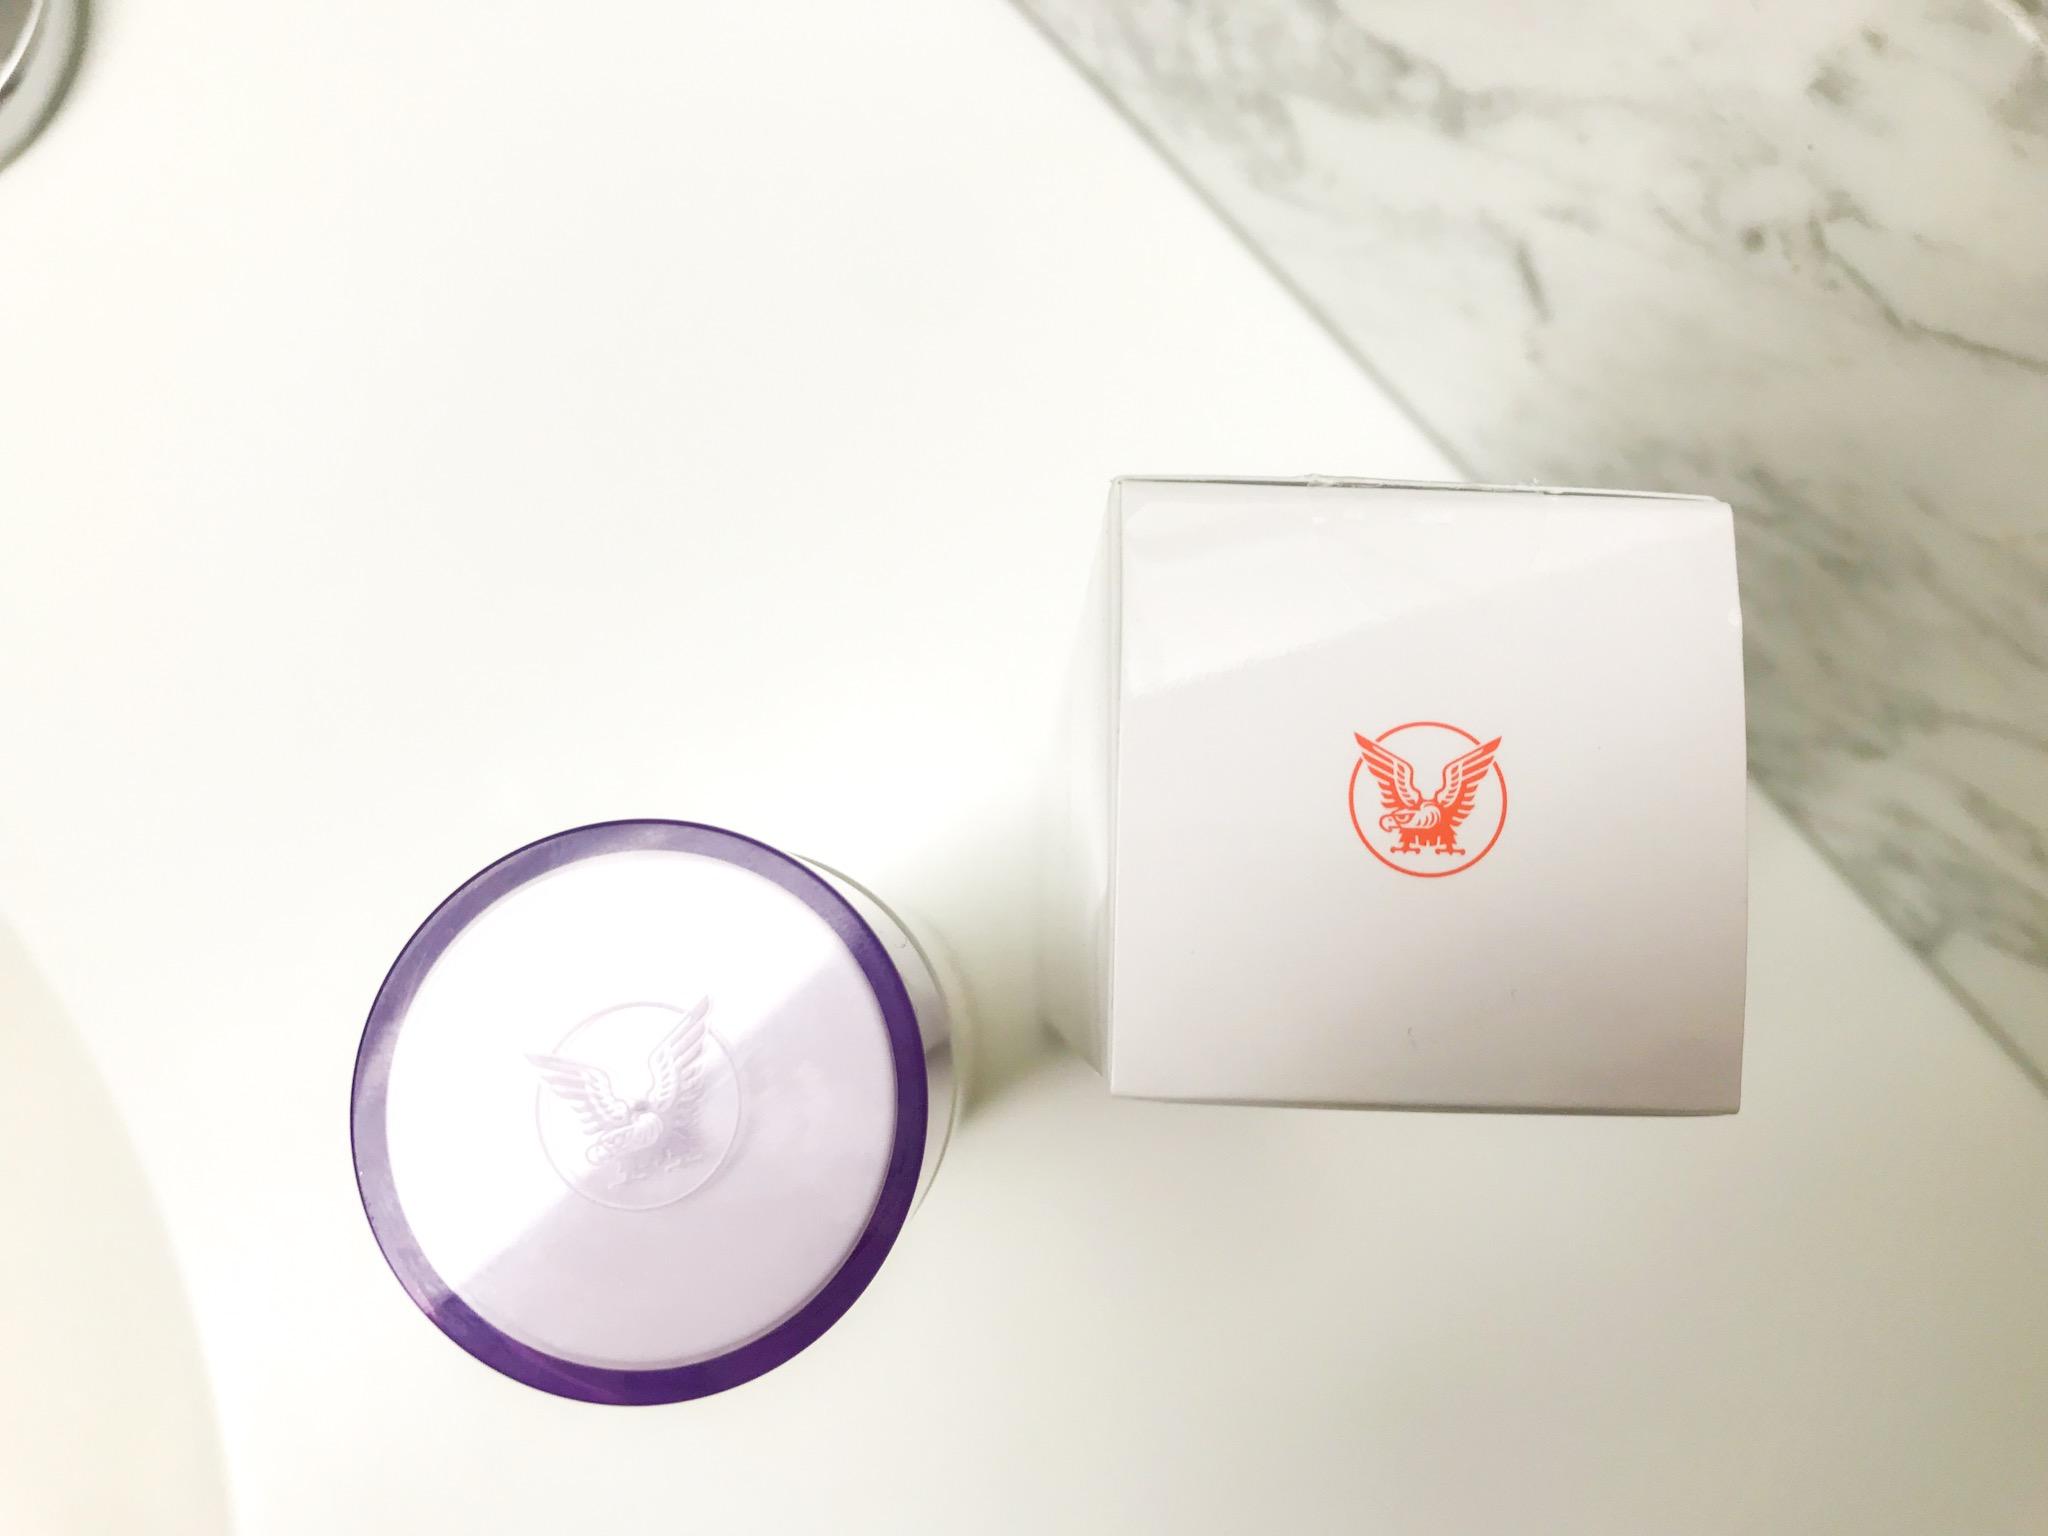 保湿と美白が同時に叶う薬用化粧水が『大正製薬』から登場♡ 肌にやさしく、乾燥肌にもおすすめ!_3